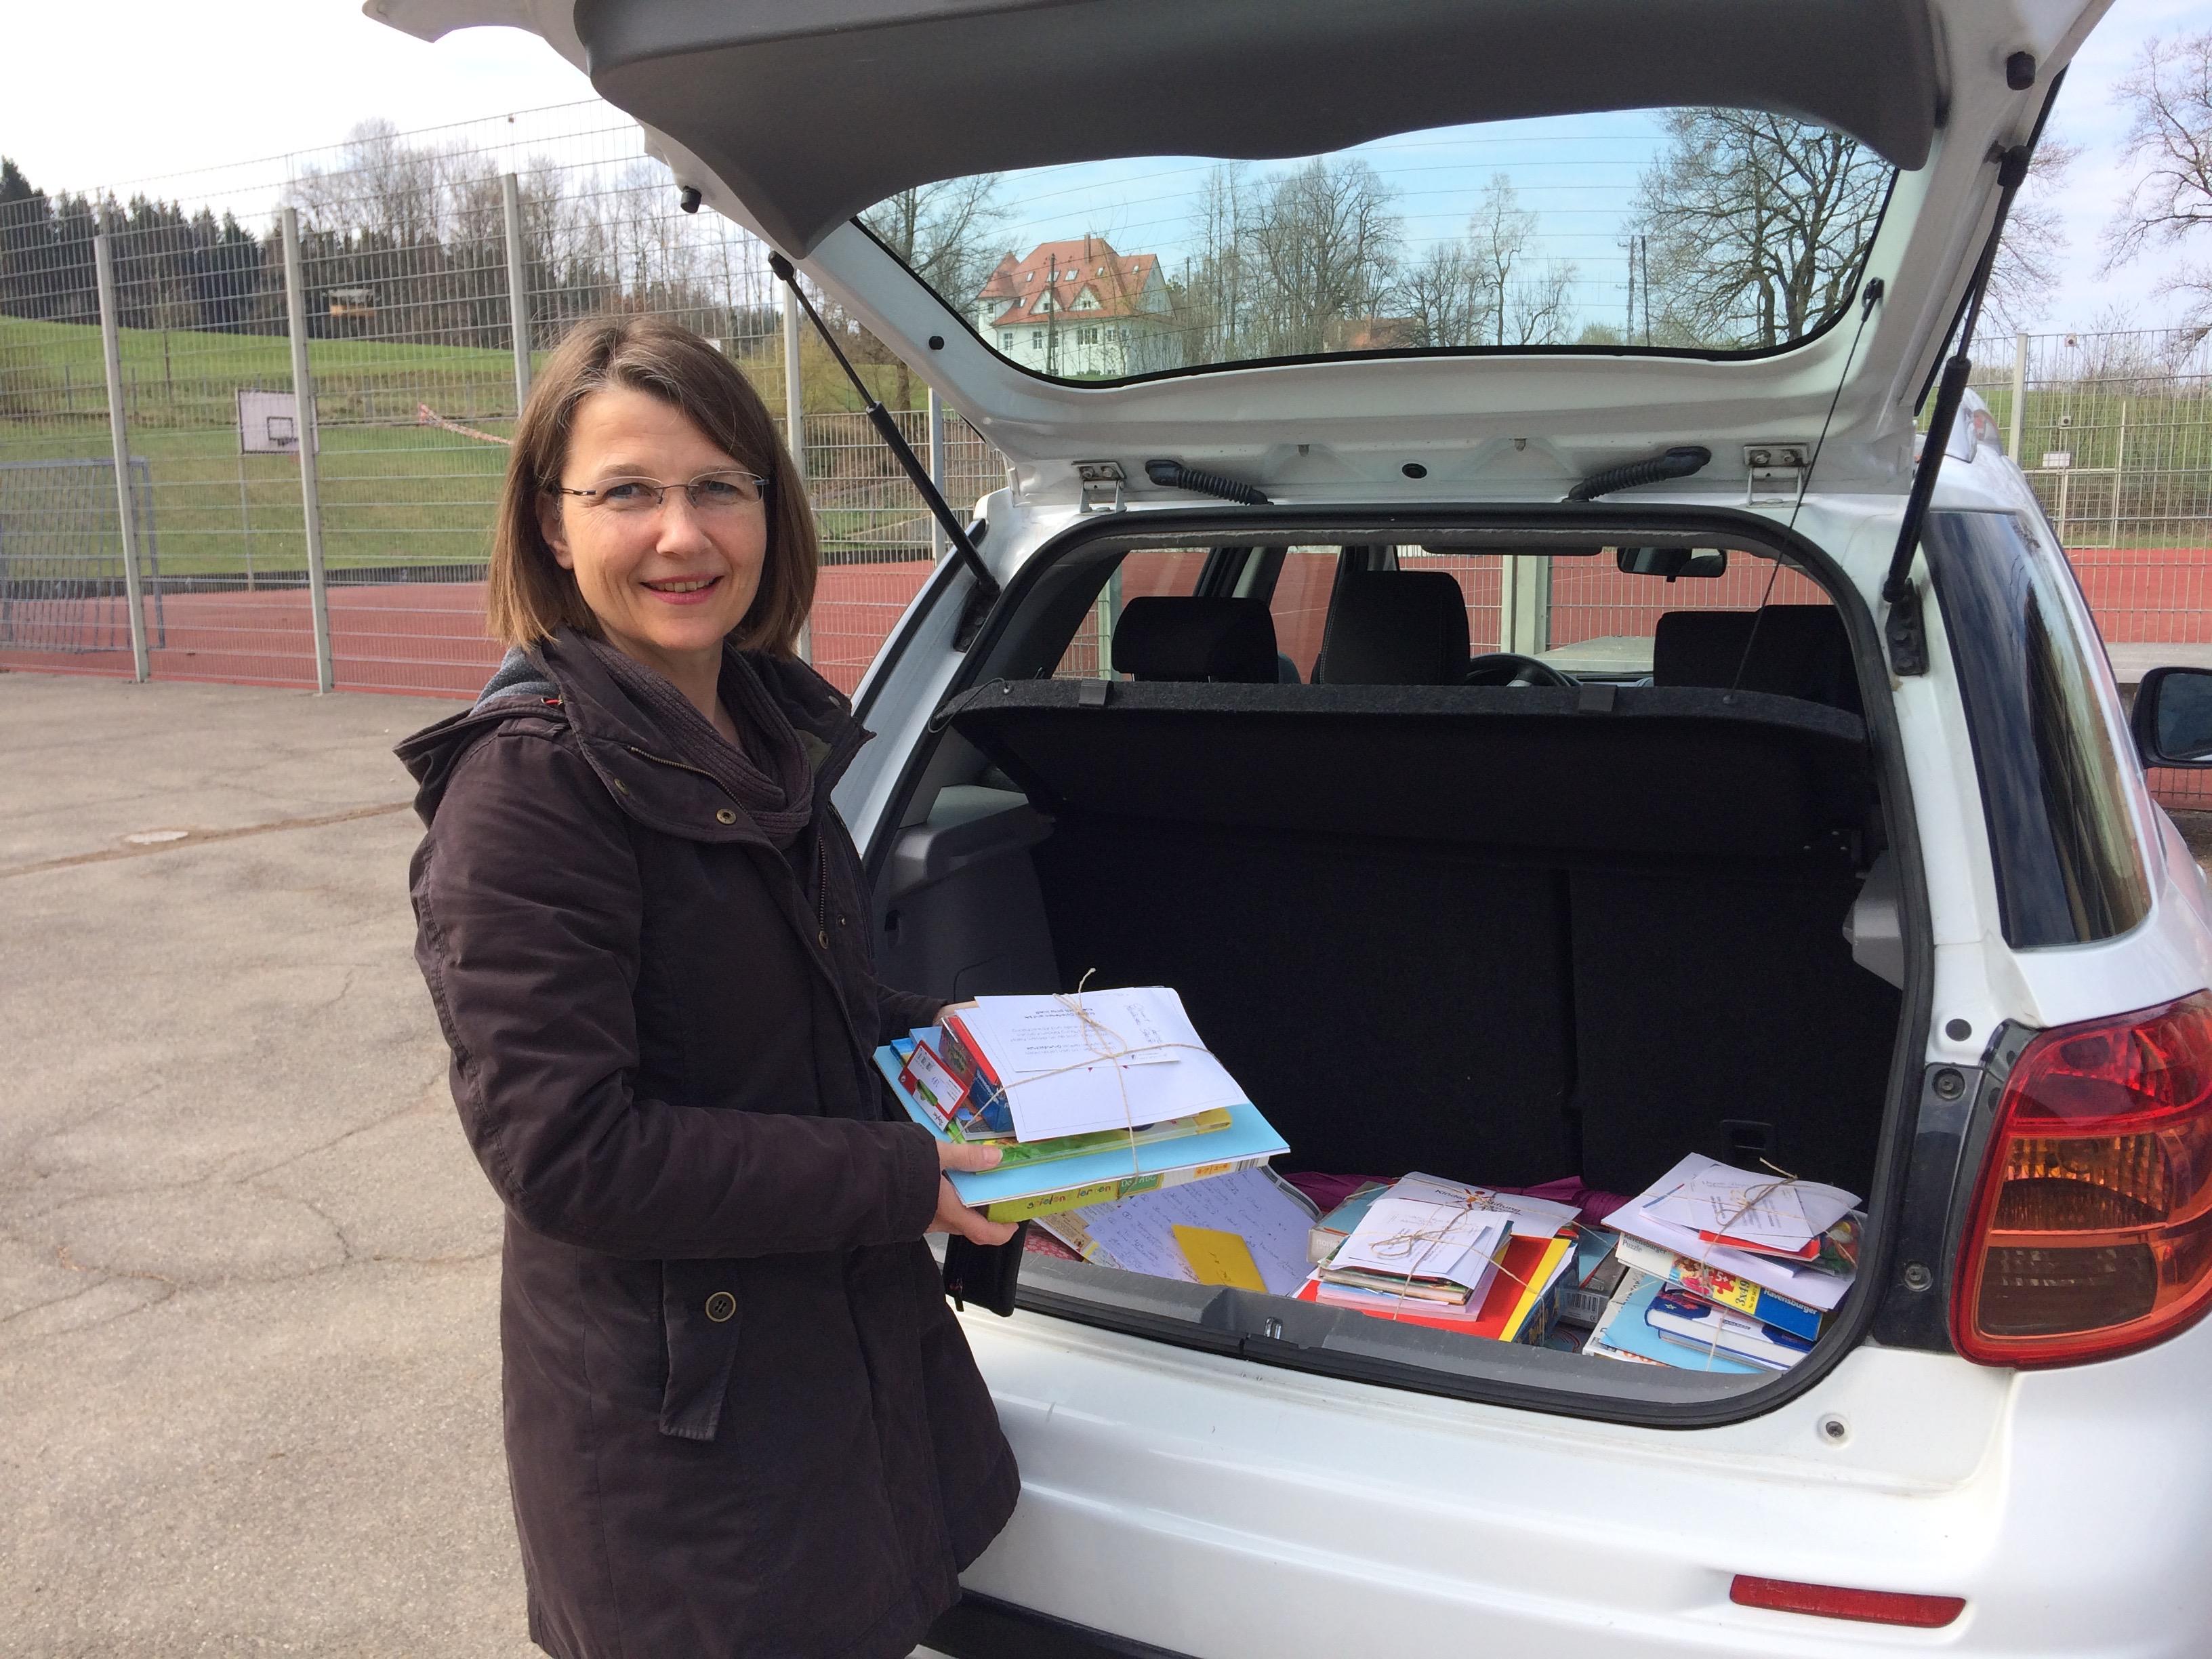 Beschäftigungspaket-Hiltrud vor KofferraumIMG_1684